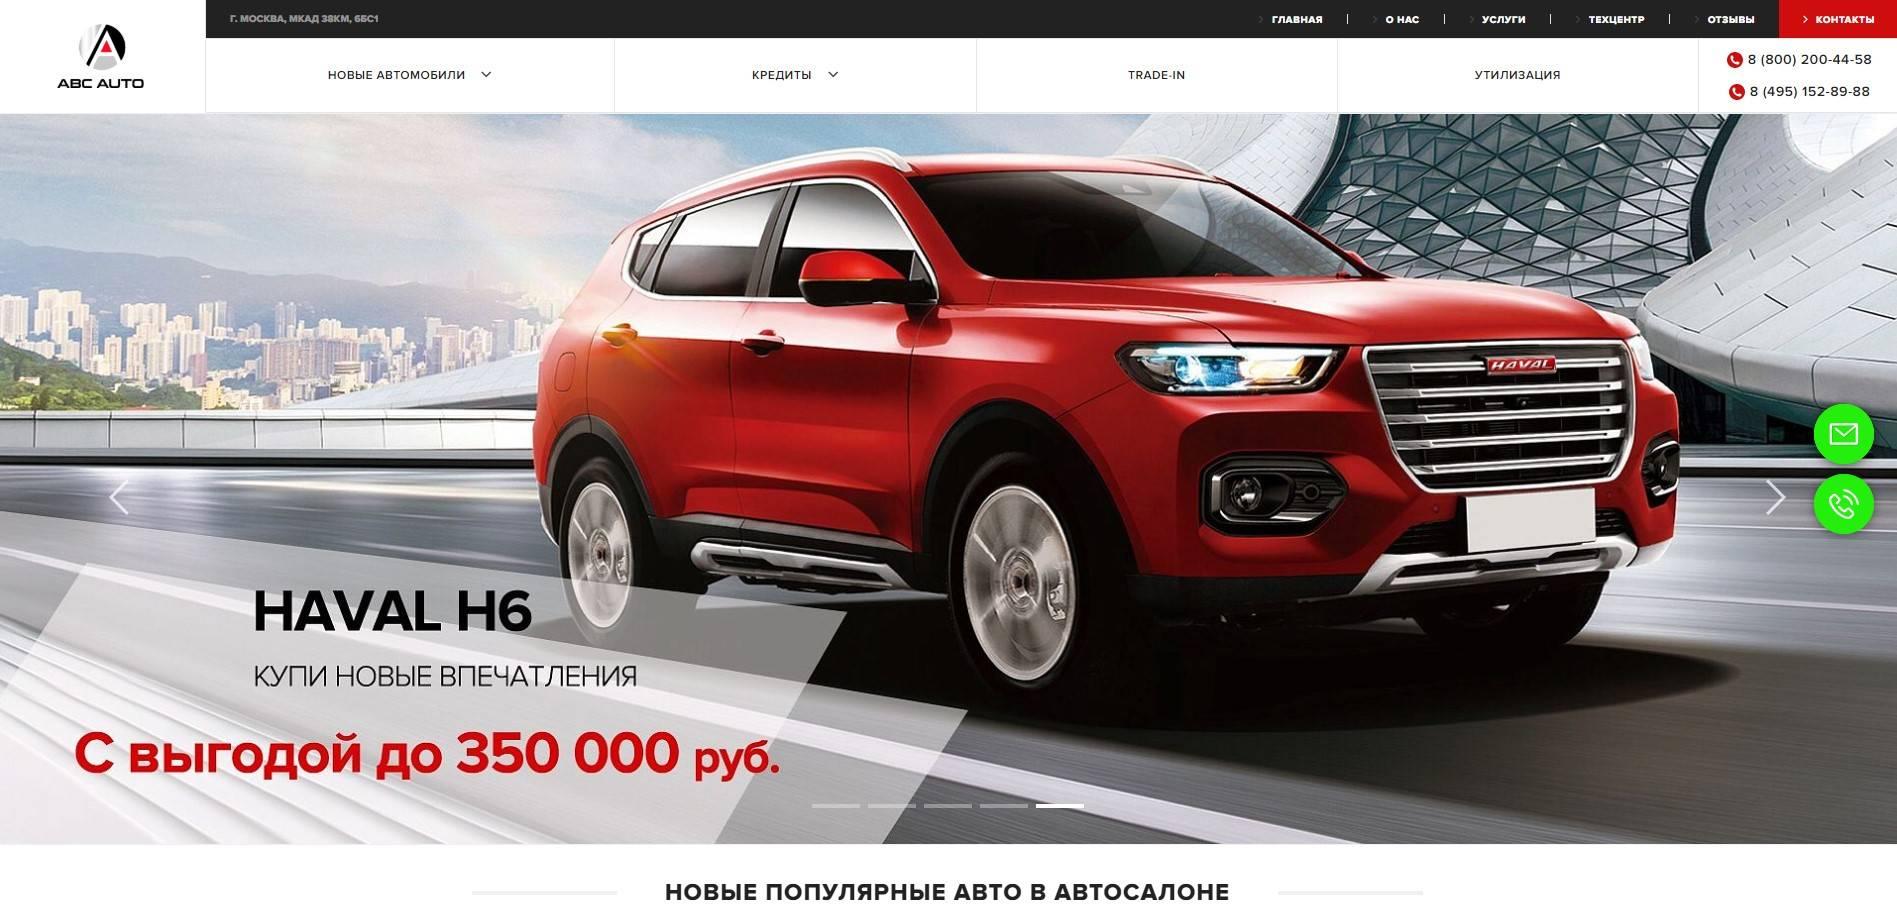 Отзывы о покупке авто в москве в автосалоне в кредит аренда автомобиля в самаре без залога